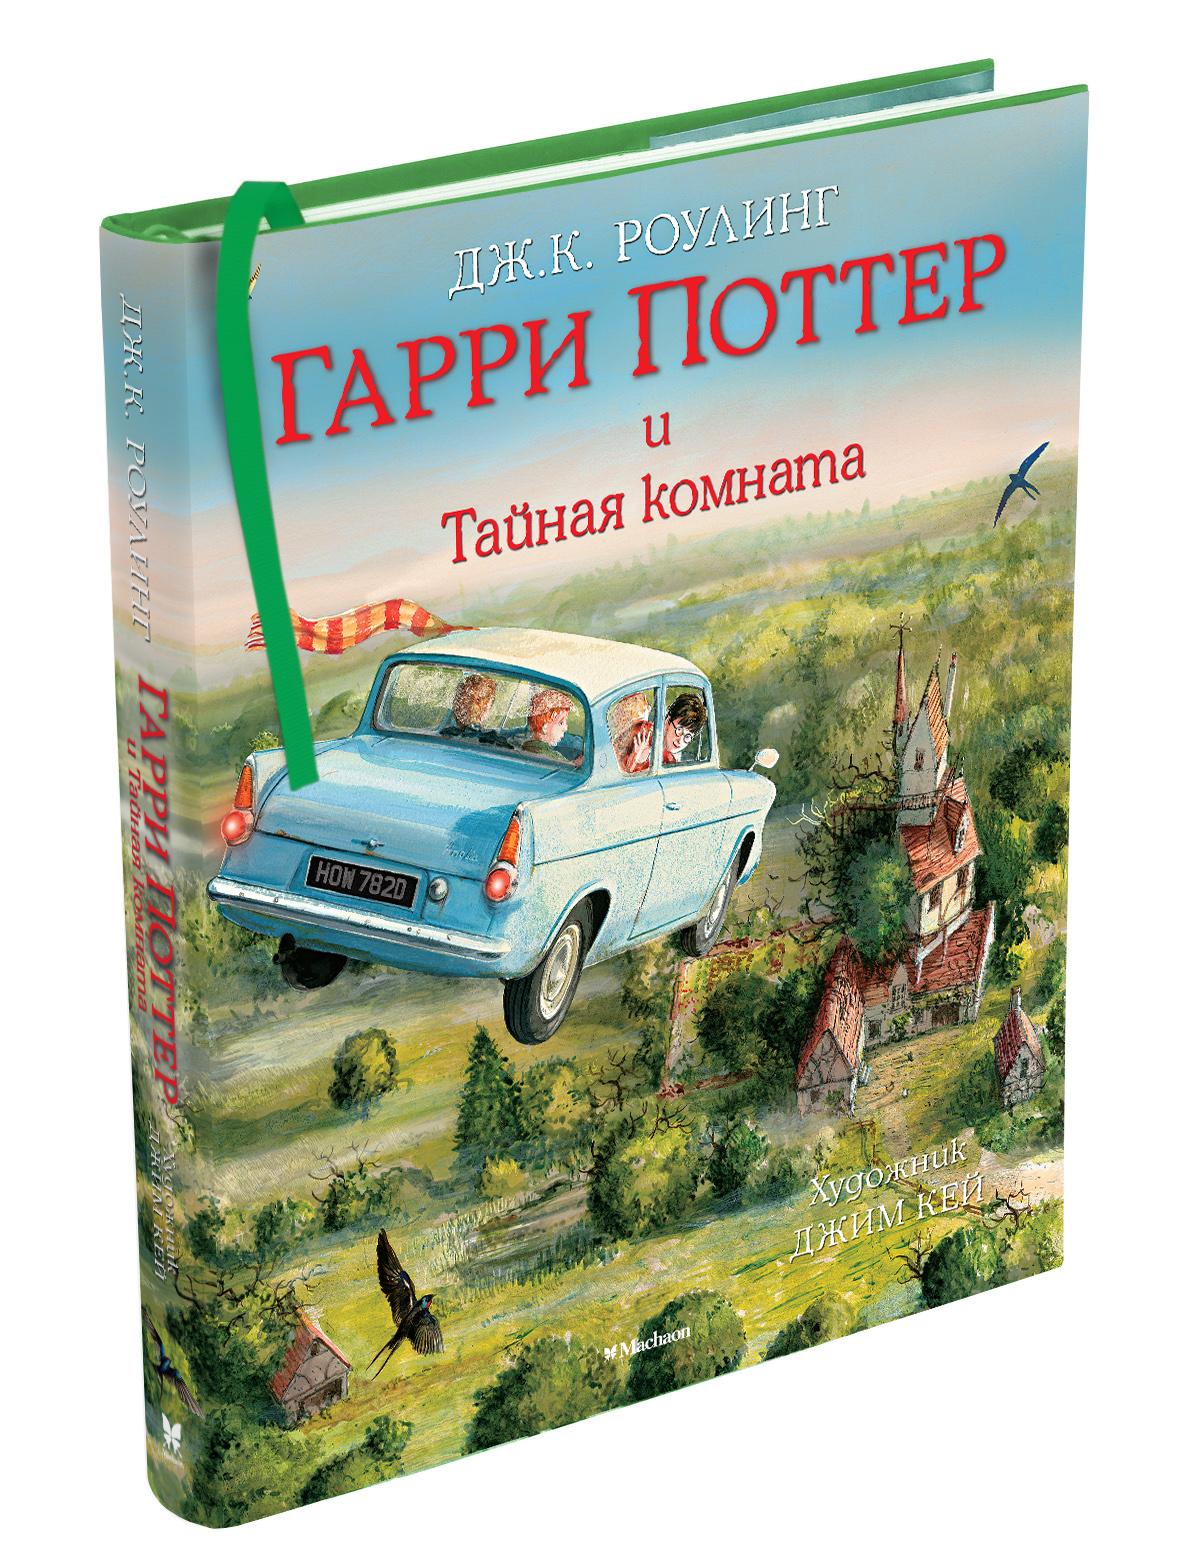 Дж. К. Роулинг Гарри Поттер и Тайная комната. Иллюстрированное издание